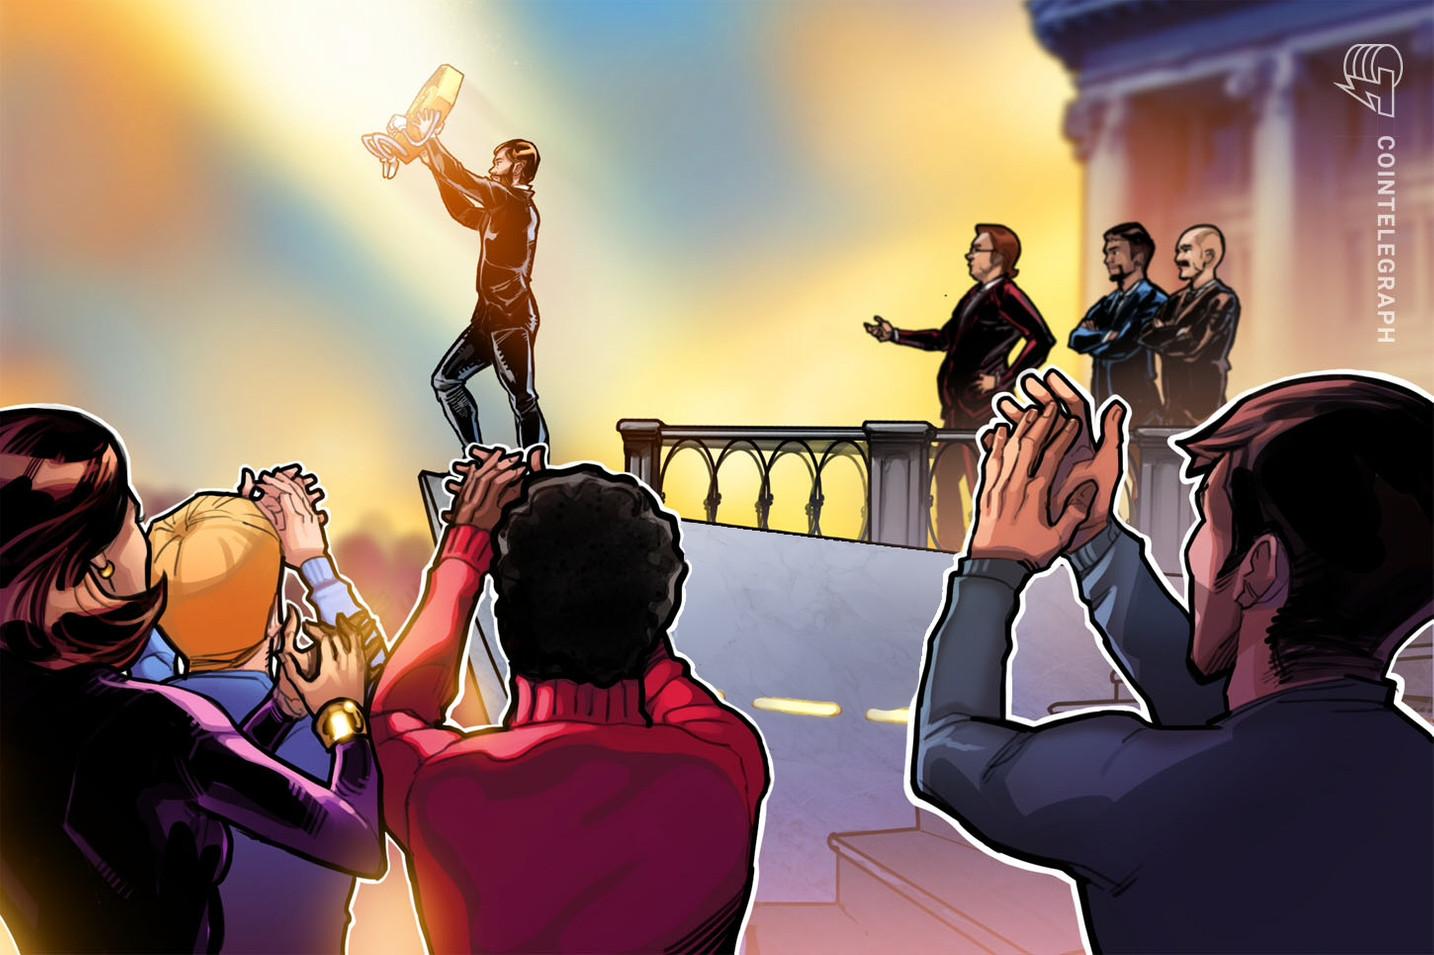 仮想通貨取引所ビットフィネックス、IEOで10億ドル資金調達する計画を正式発表